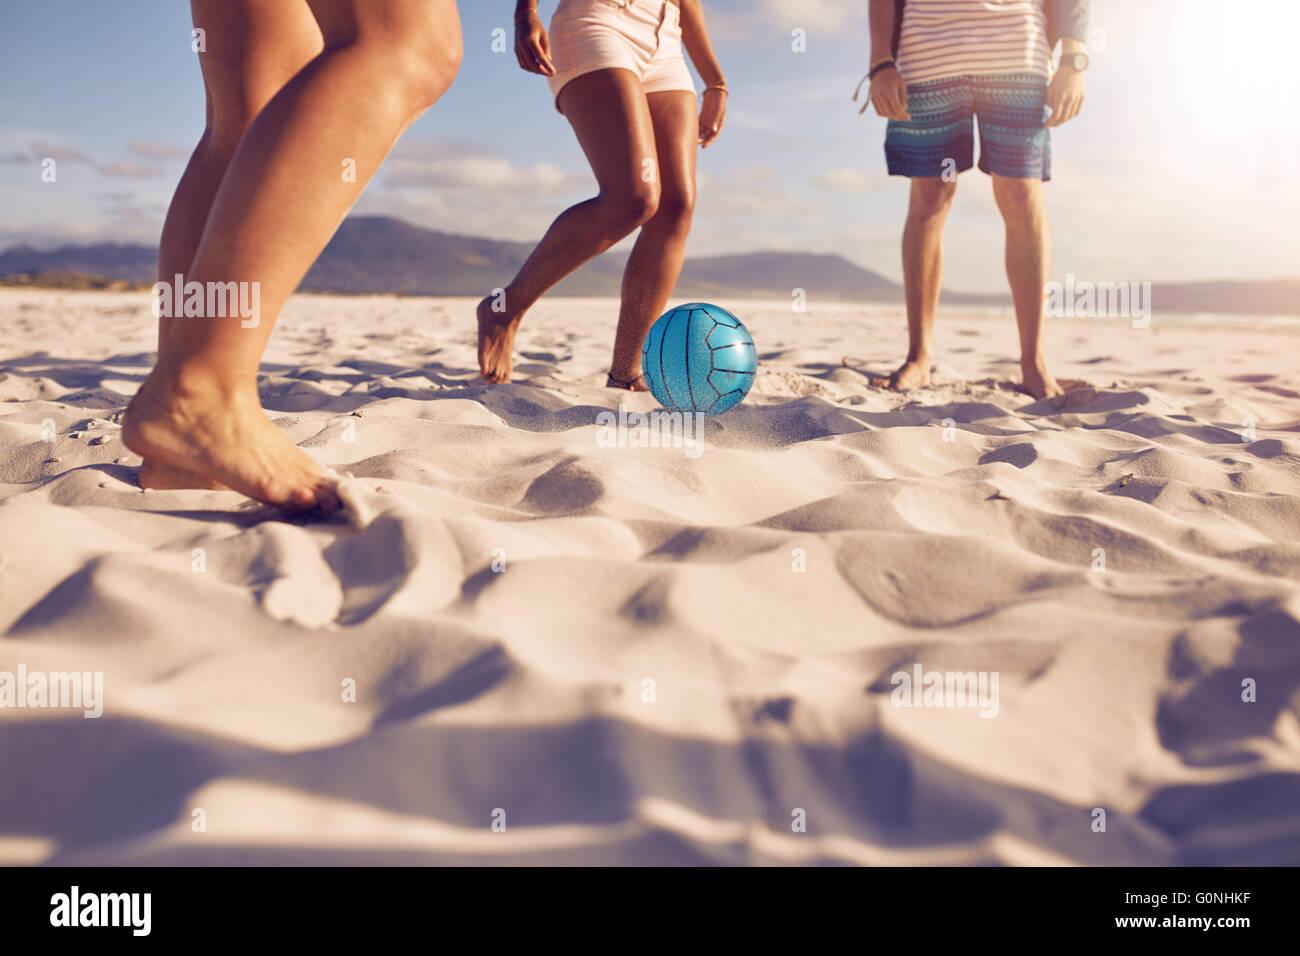 Sezione bassa ritratto di gruppo di amici che giocano a calcio sulla spiaggia. è una ragazza che passa la palla Immagini Stock